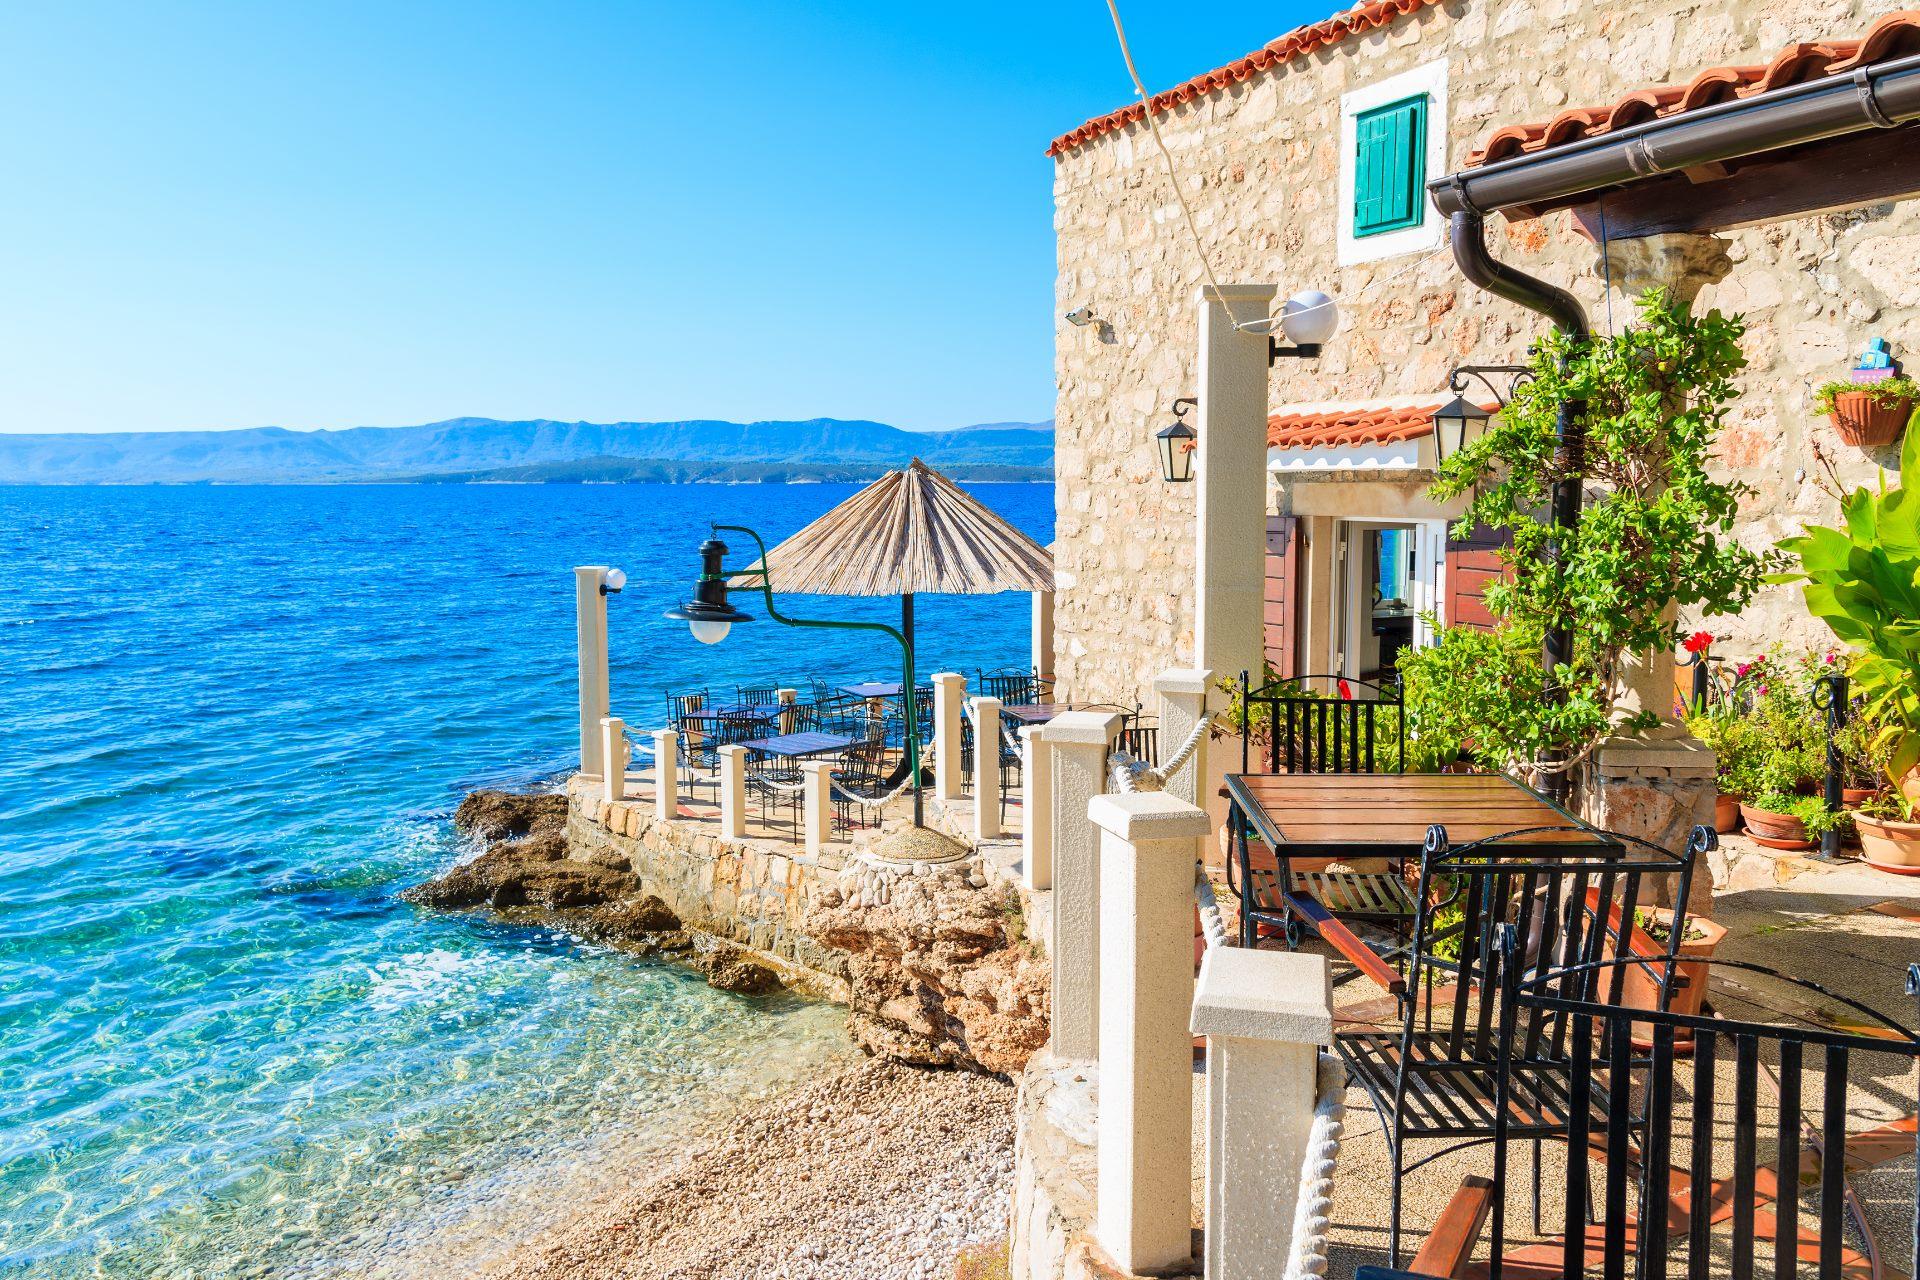 Terrasse mit Stühlen am Meer auf der Insel Brac in Kroatien